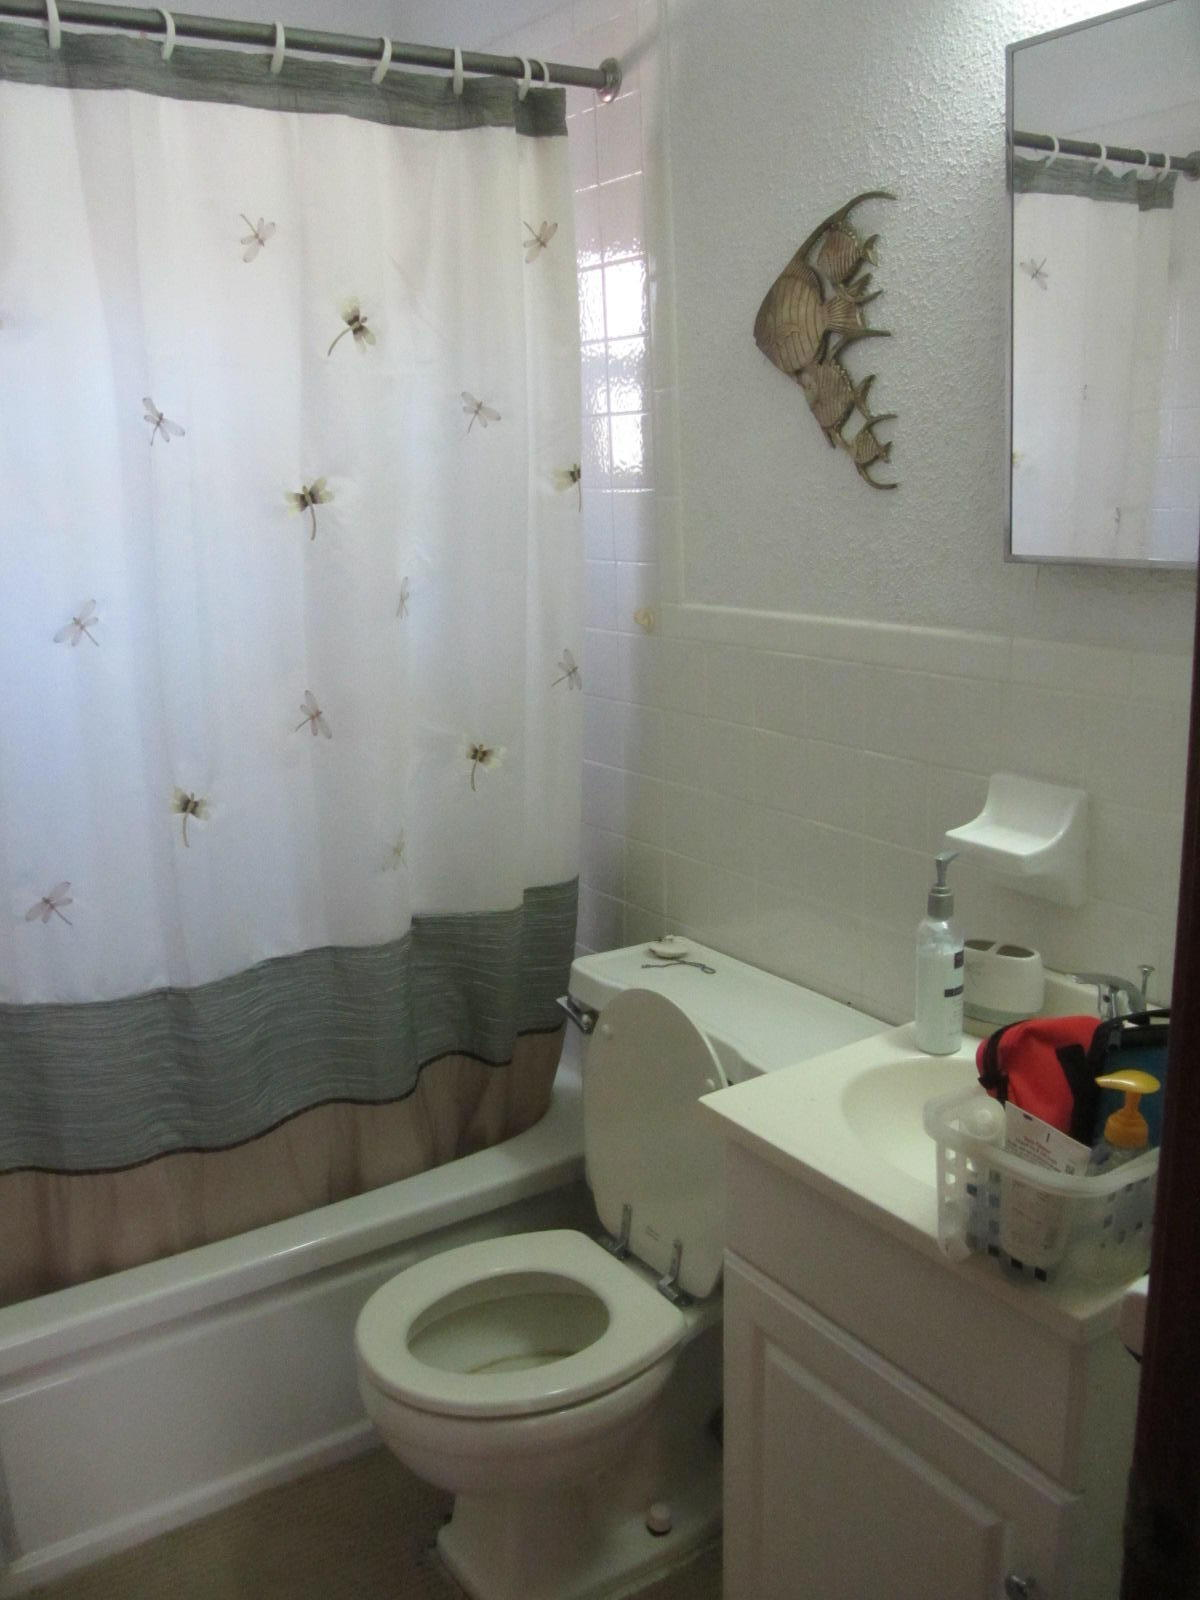 Edisto River Homes For Sale - 265 Blackwater, Round O, SC - 20